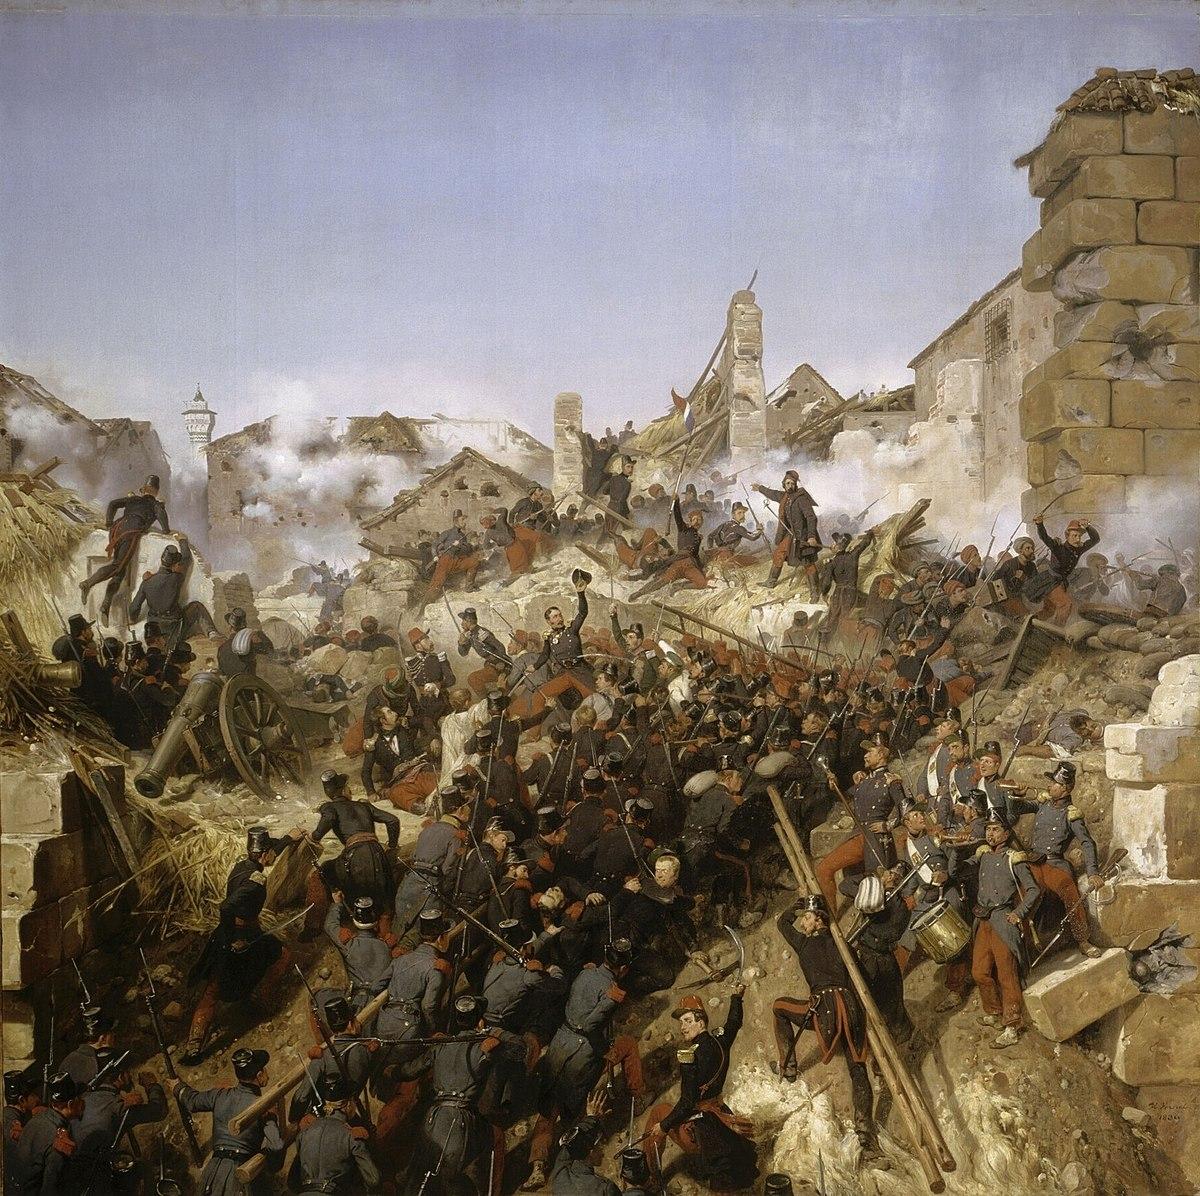 French conquest of Algeria - Wikipedia